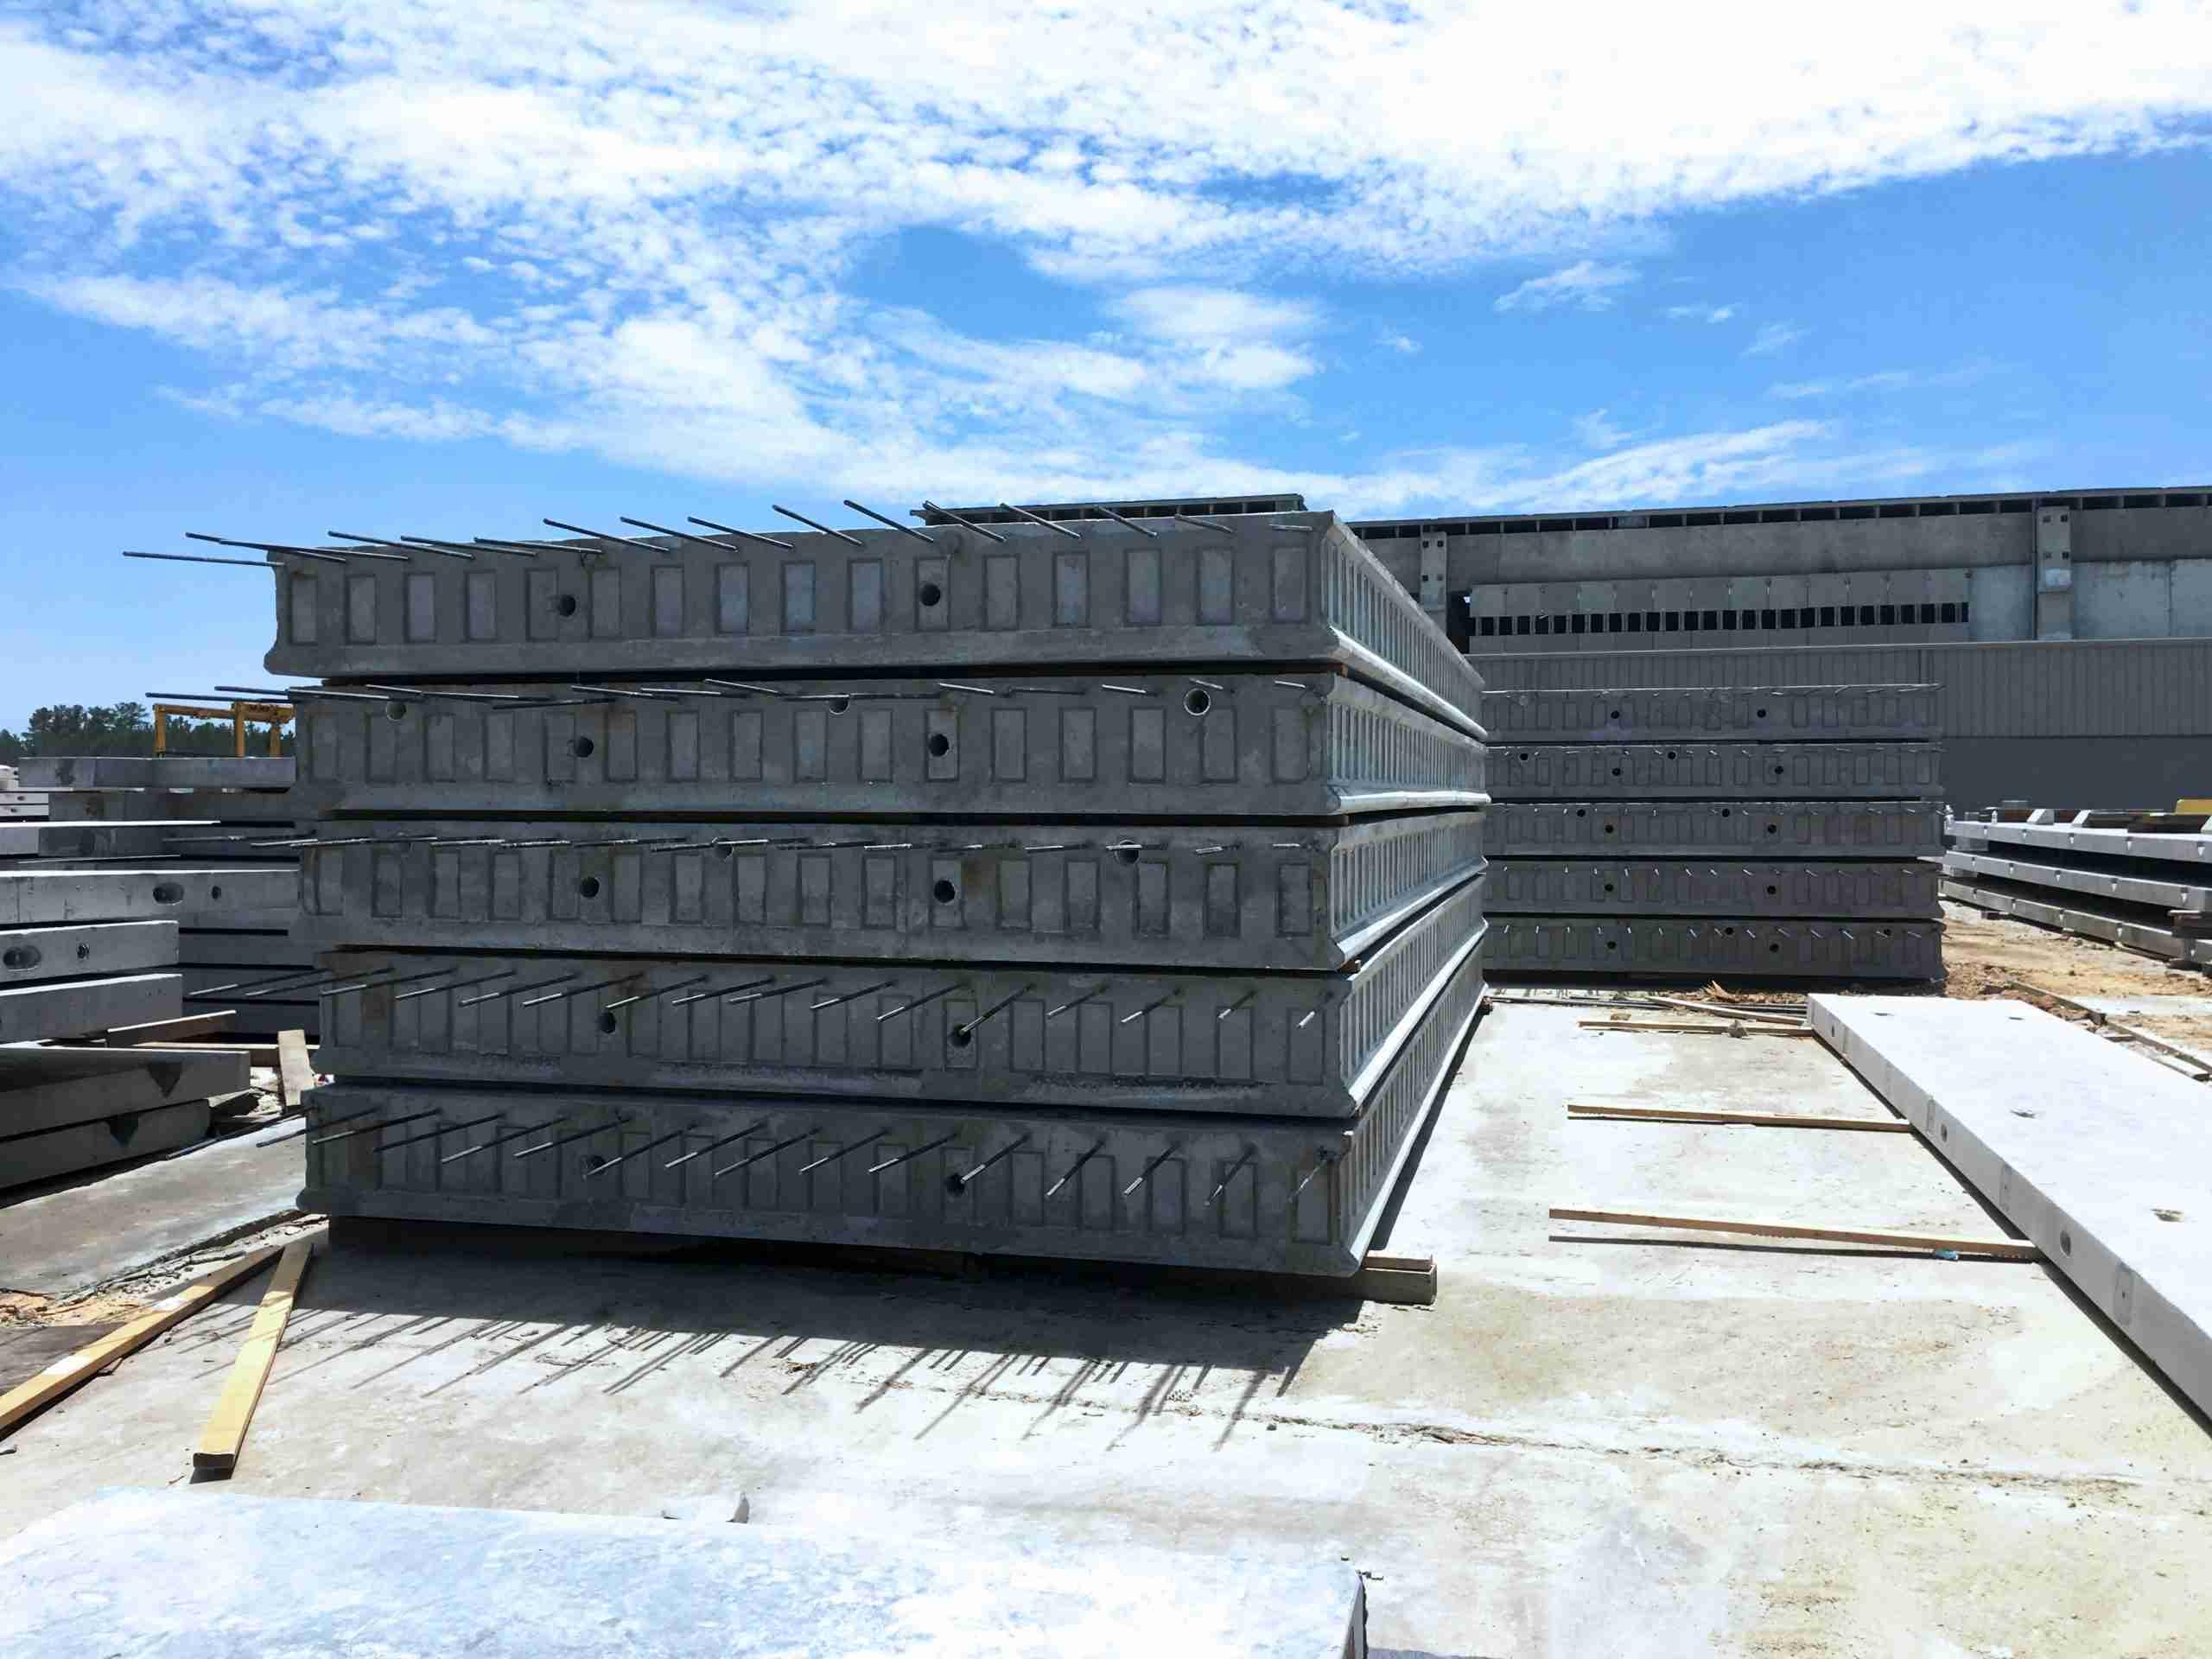 Flat concrete slabs